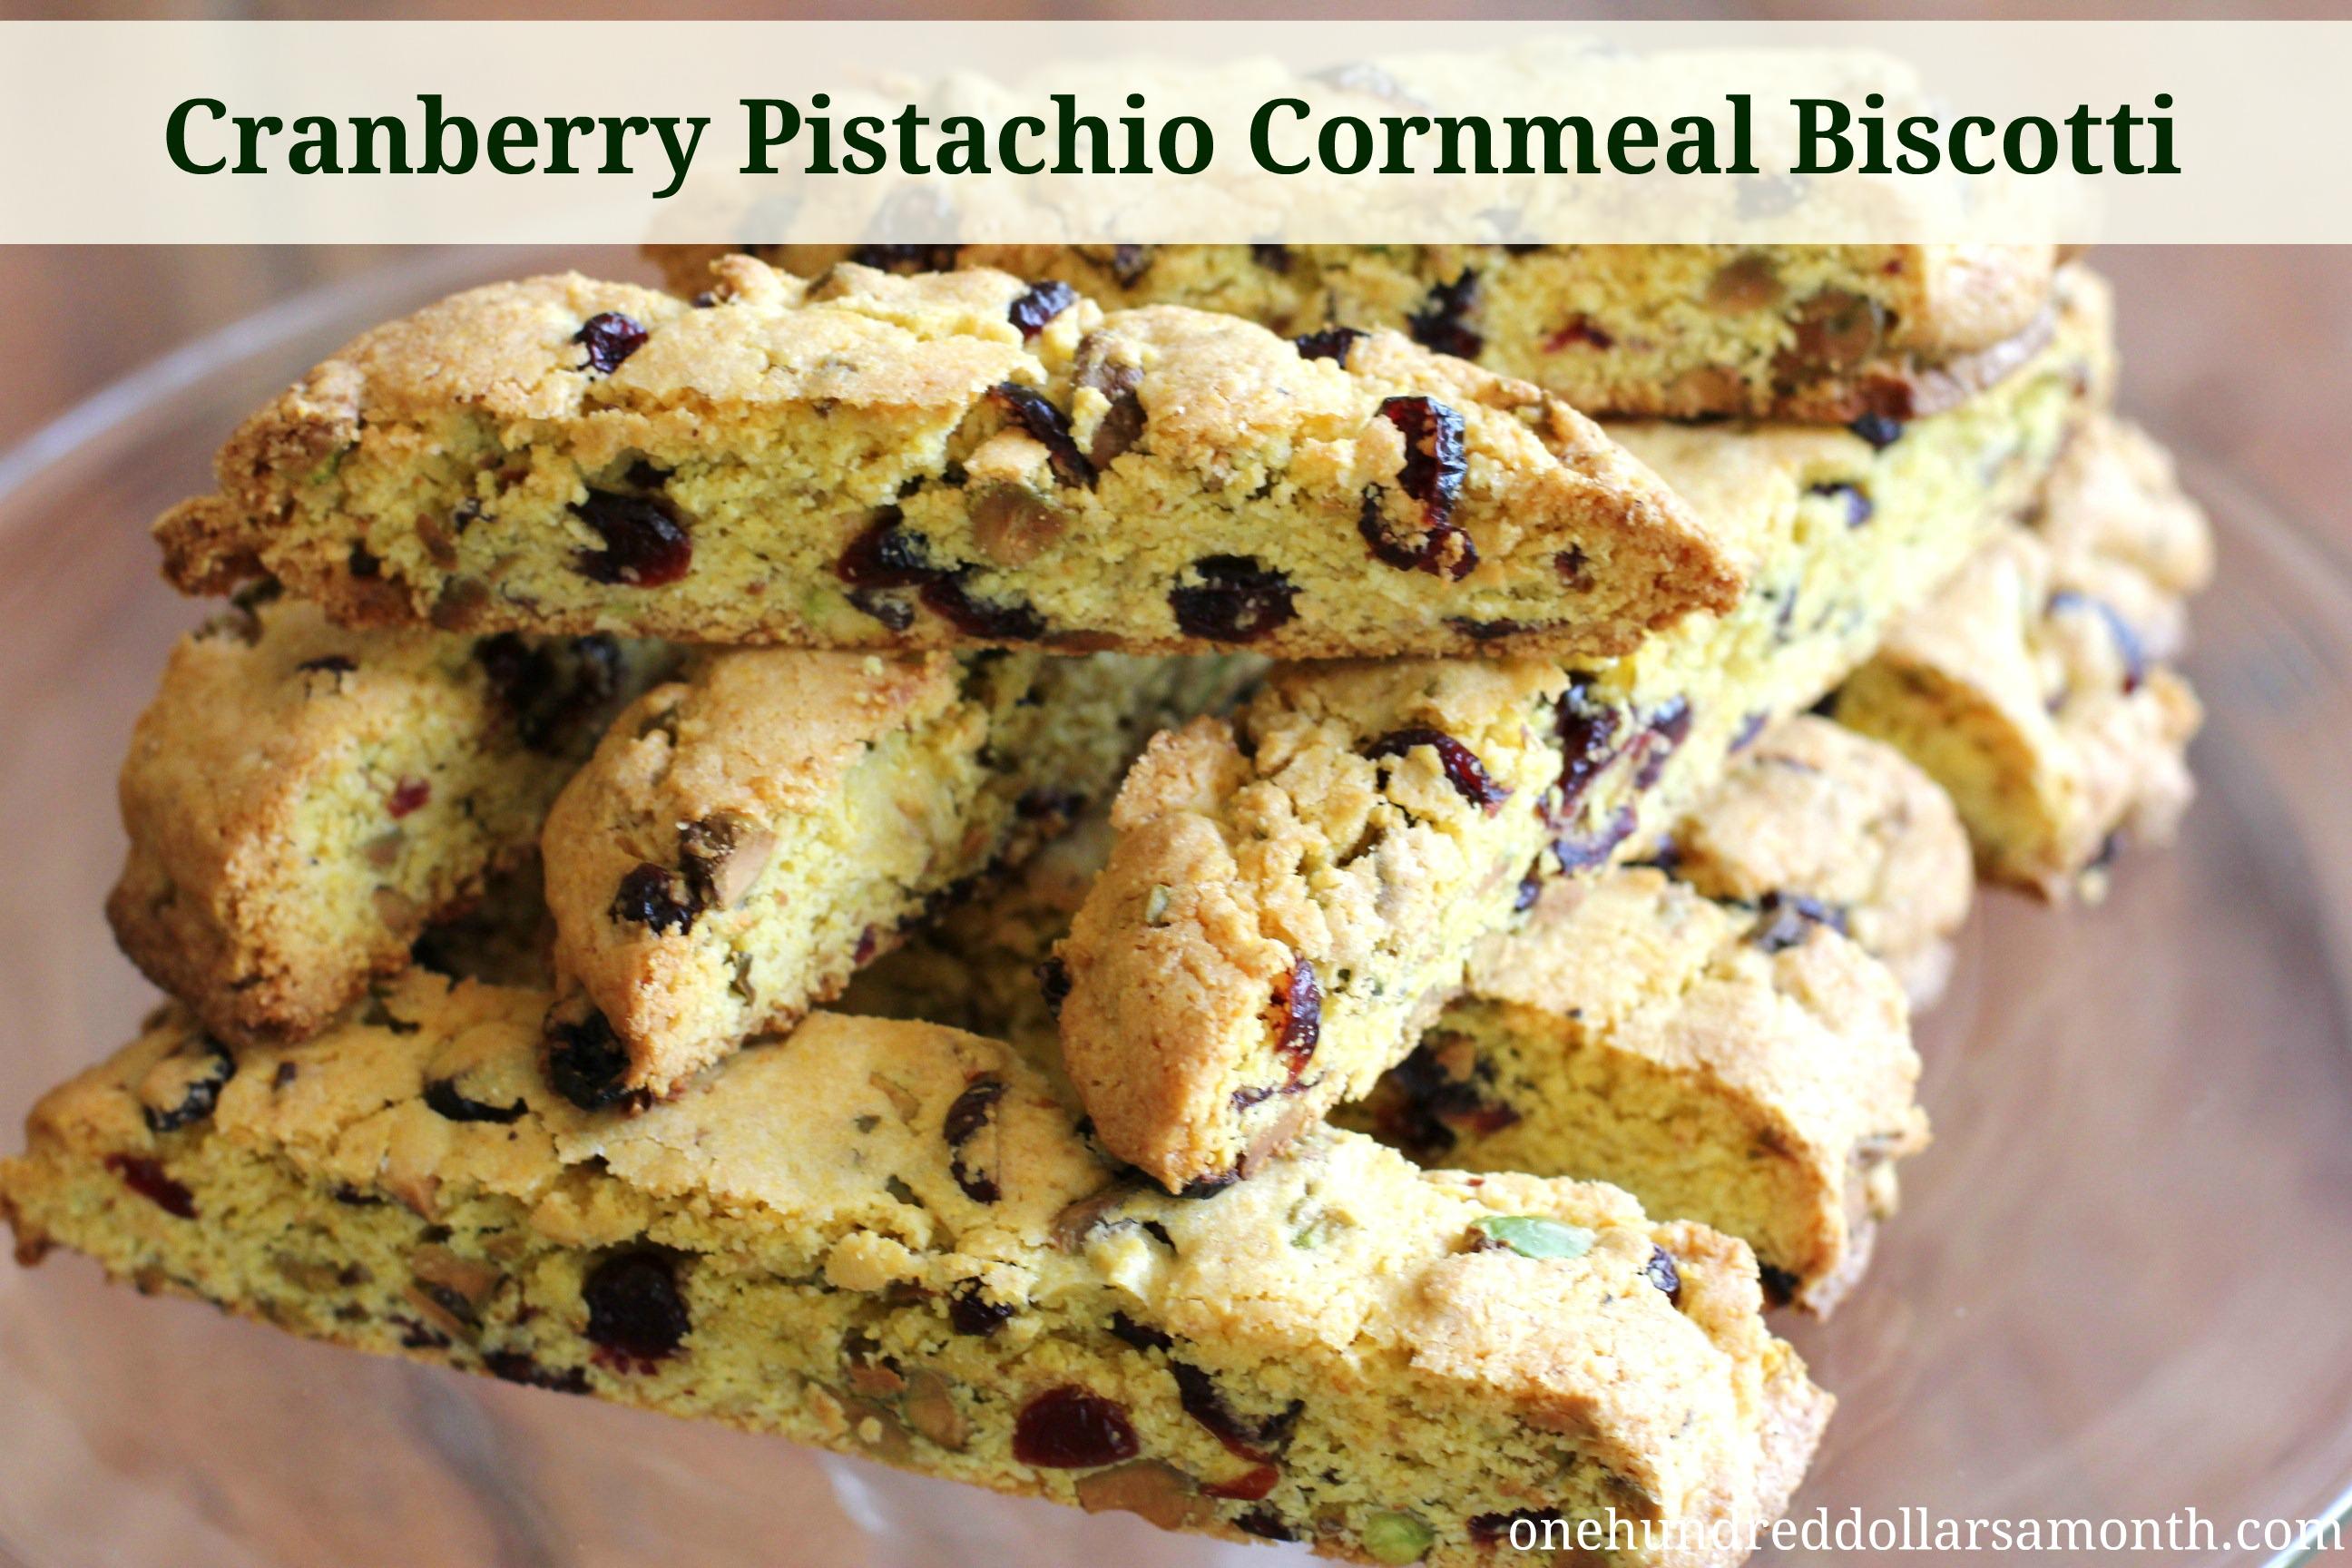 Recipe – Cranberry Pistachio Cornmeal Biscotti